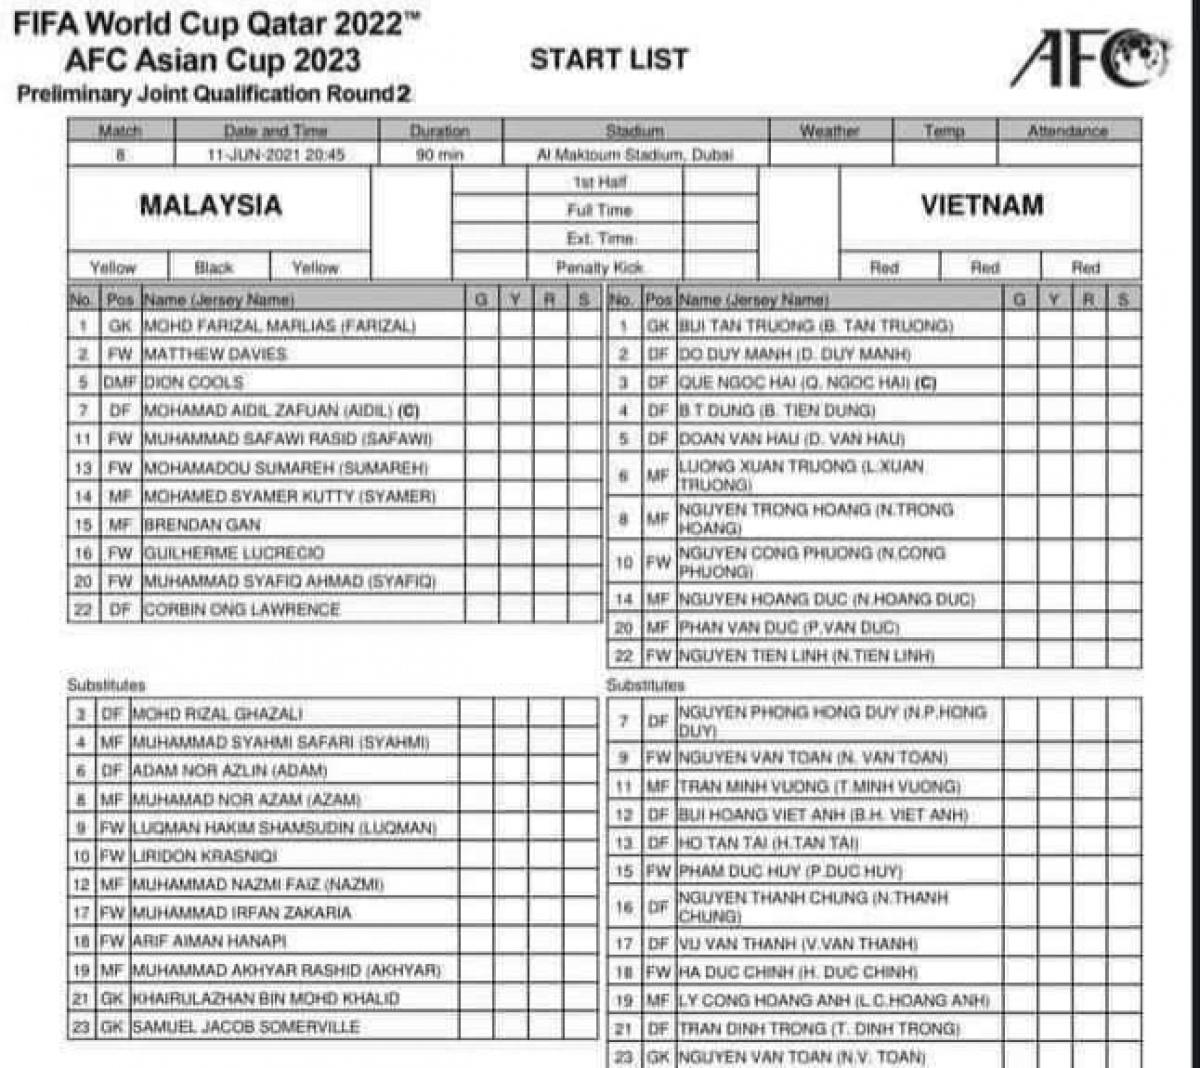 Đội hình ra sân của hai đội tuyển Việt Nam và Malaysia.